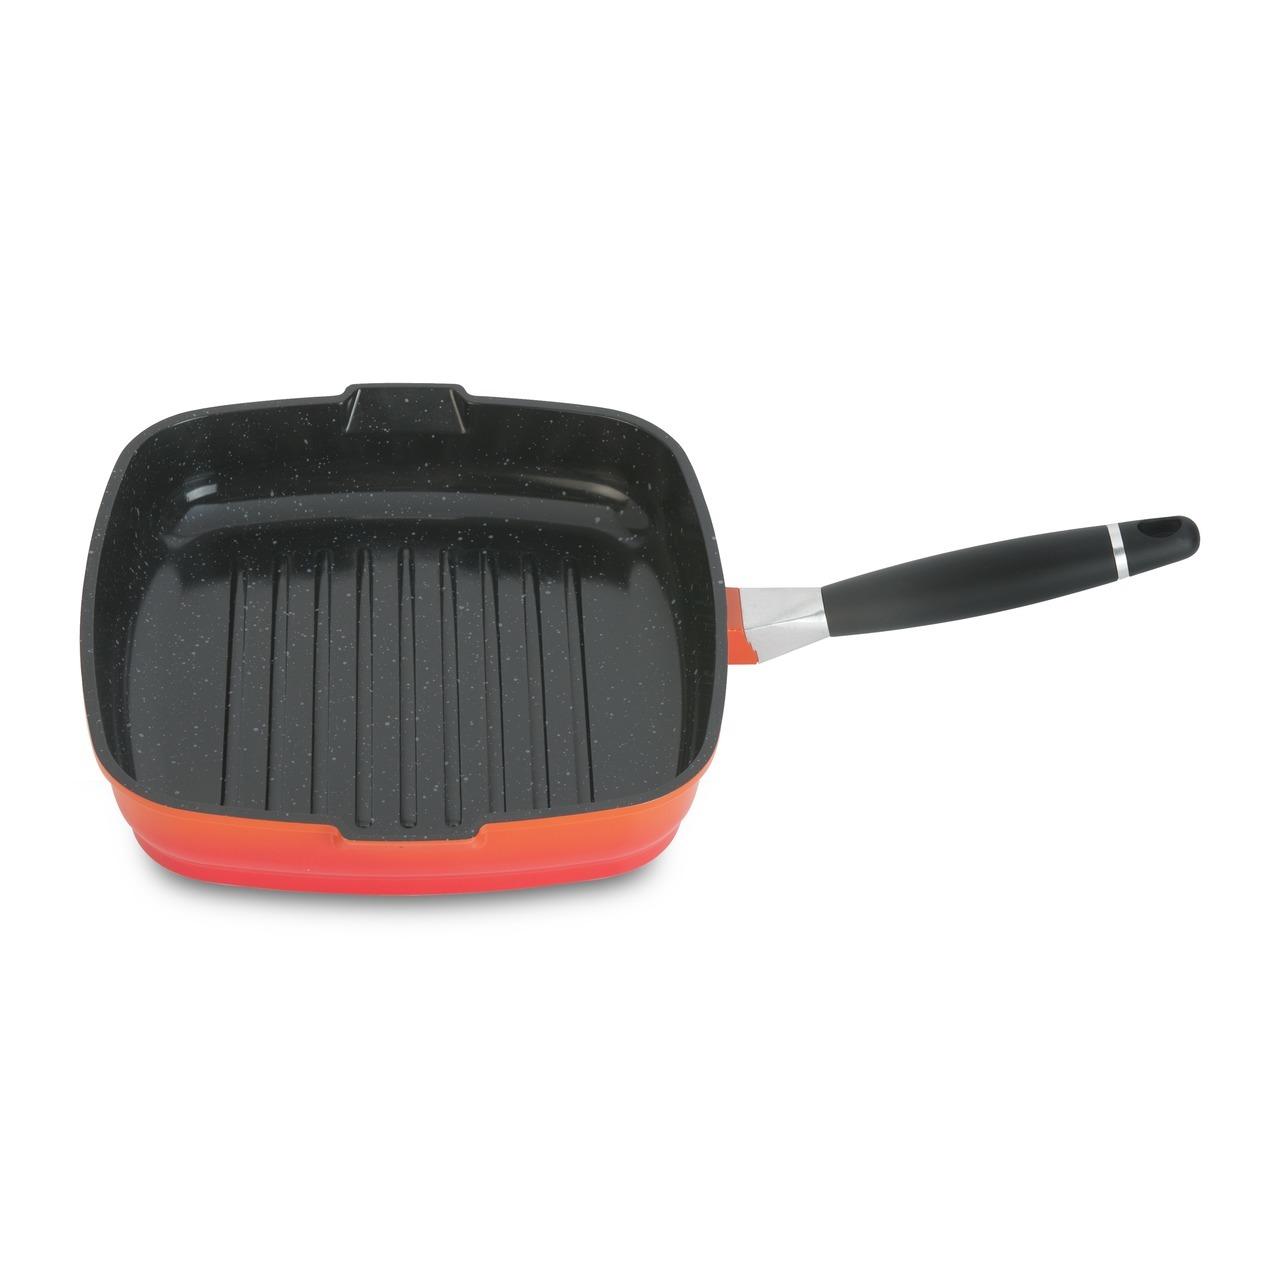 Сковорода-гриль 28см BergHOFF Virgo Orange 8500138Сковороды<br>Официальный продавец BergHOFF<br>